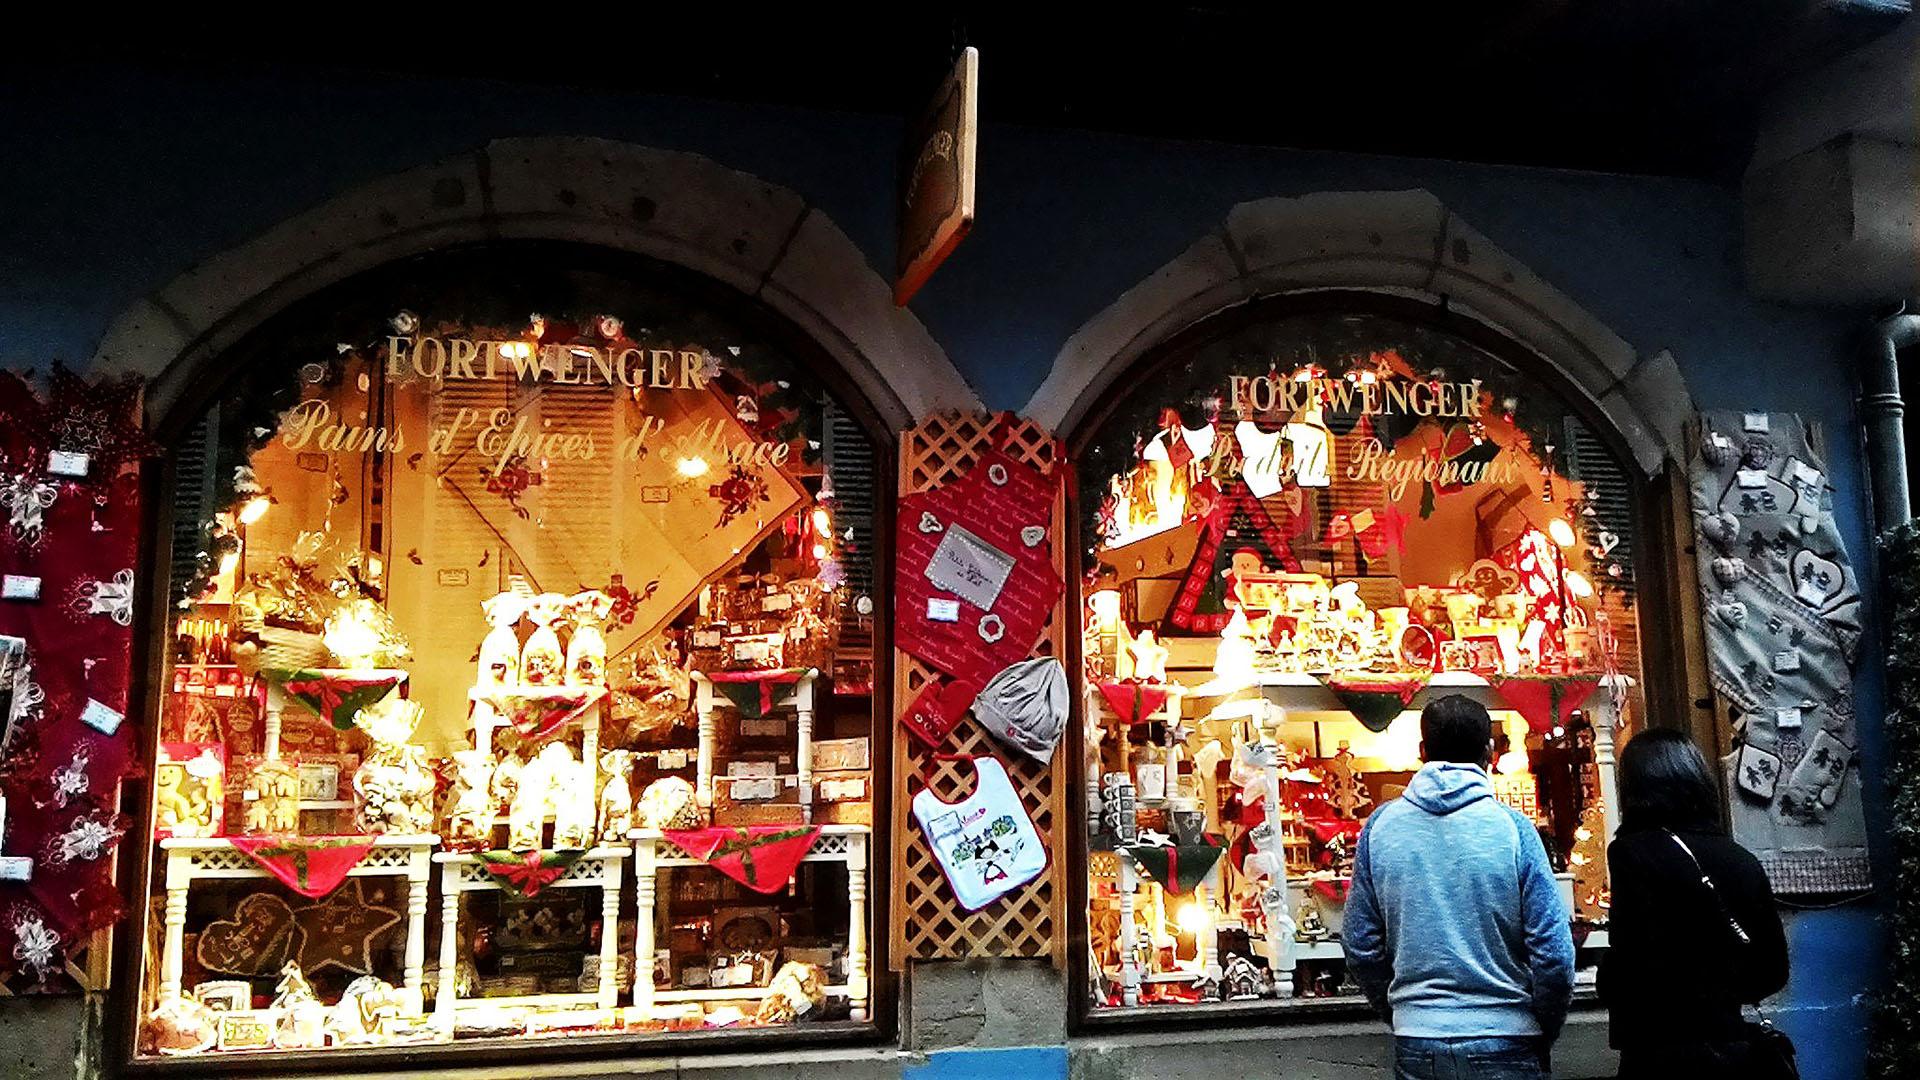 我在法國亞爾薩斯 遇見聖誕市集的冬夜奇蹟